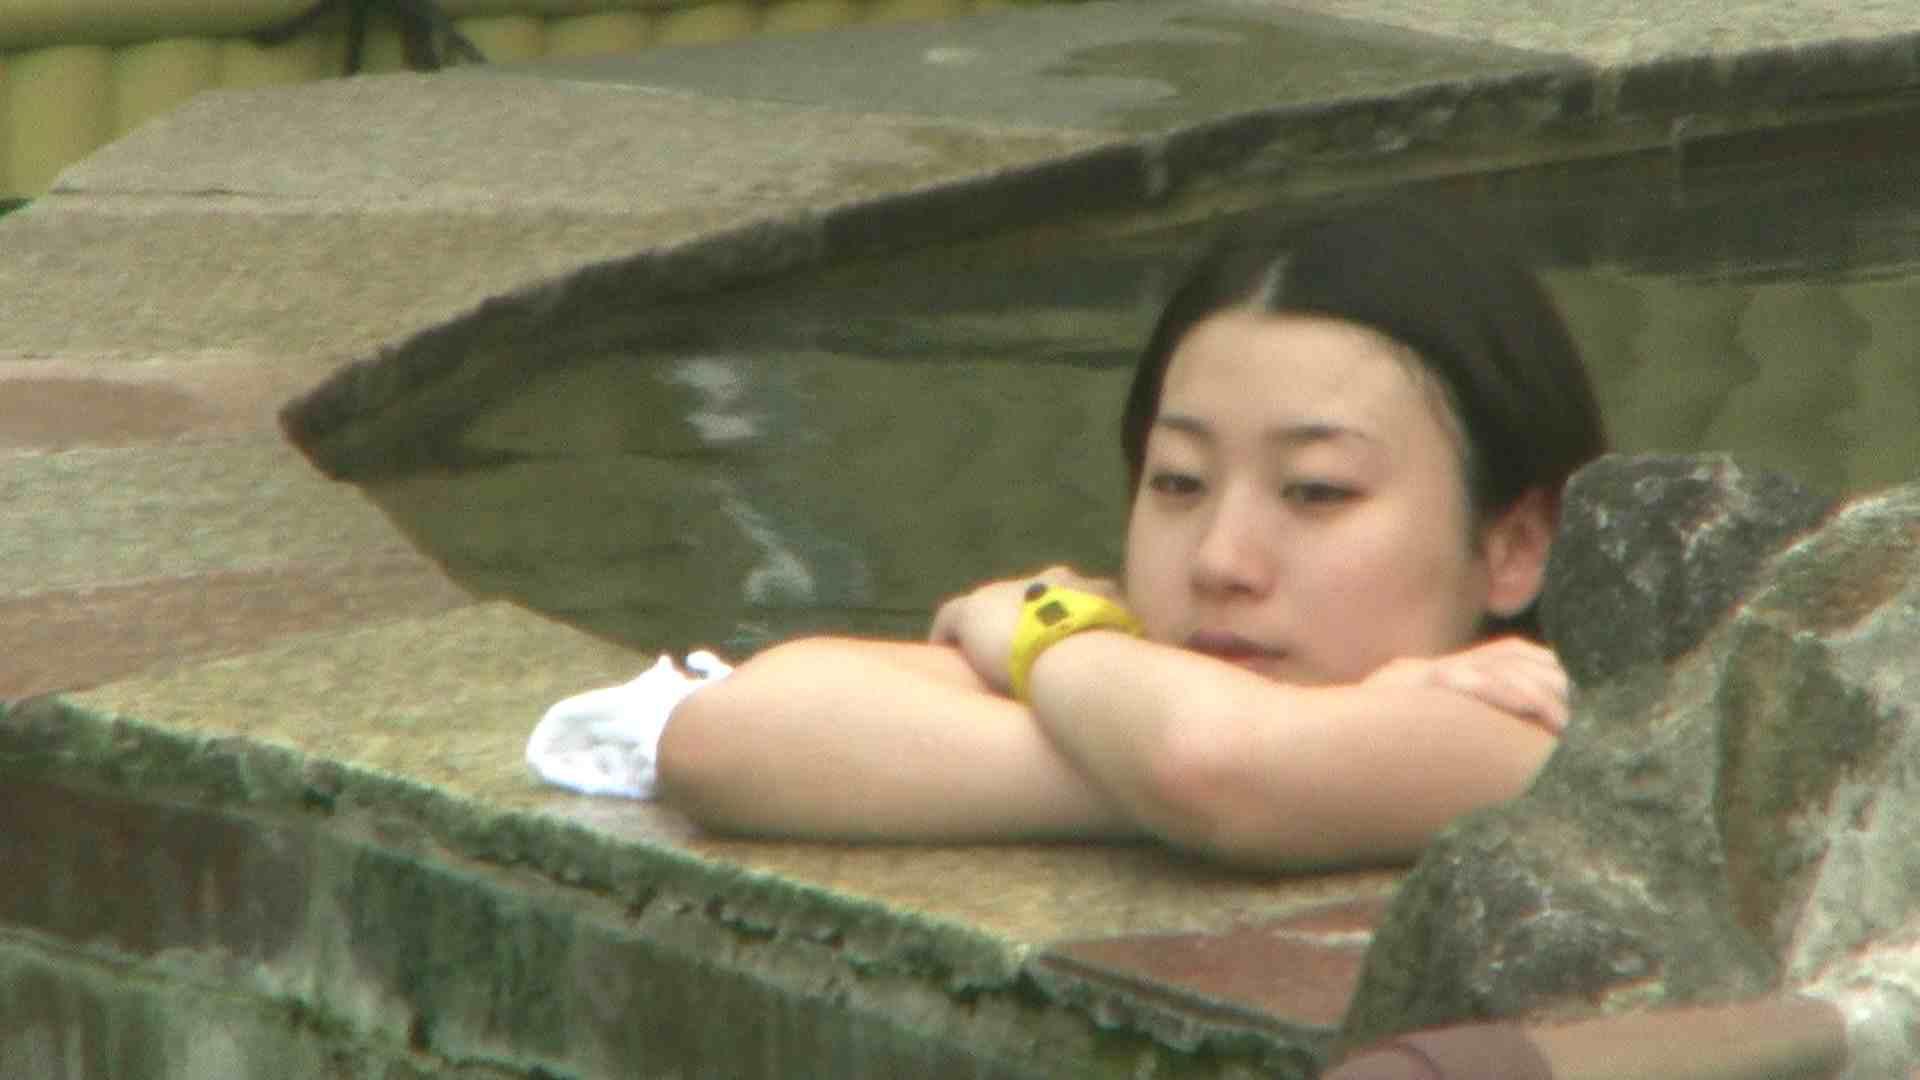 Aquaな露天風呂Vol.123 美しいOLの裸体  105pic 69